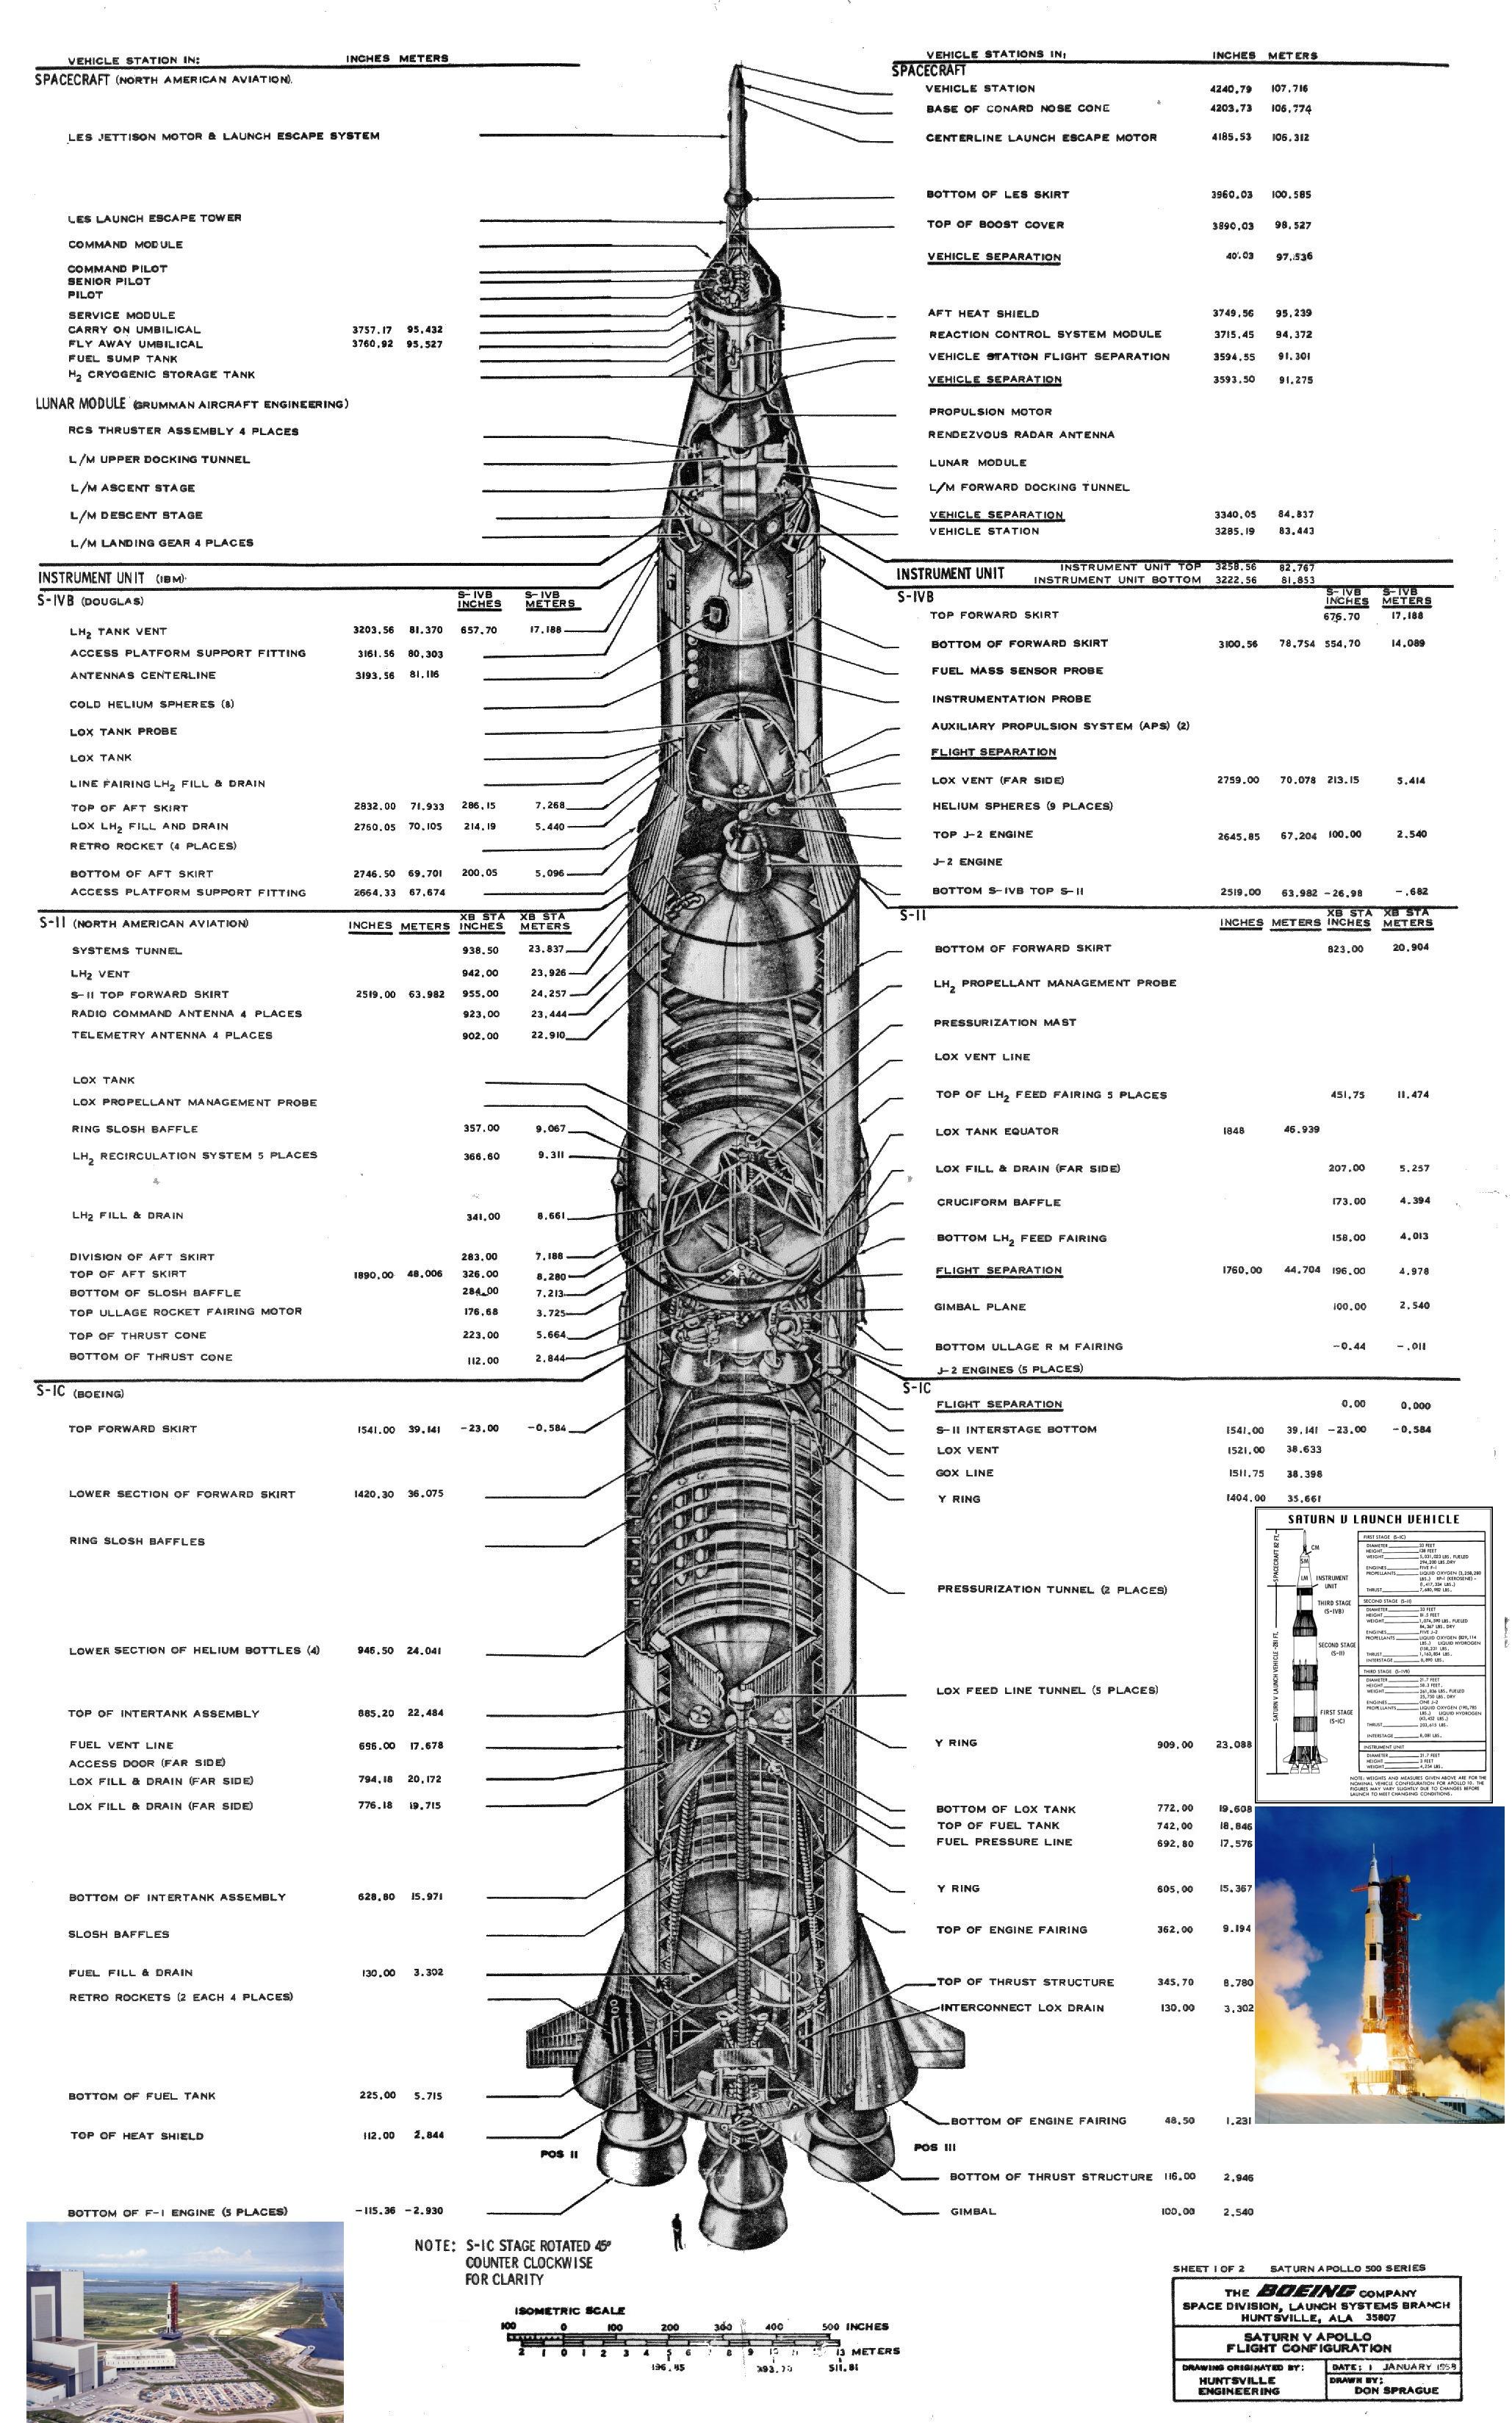 real rocket ship diagram blind eye spacecraft paper models saturn v blueprint poster